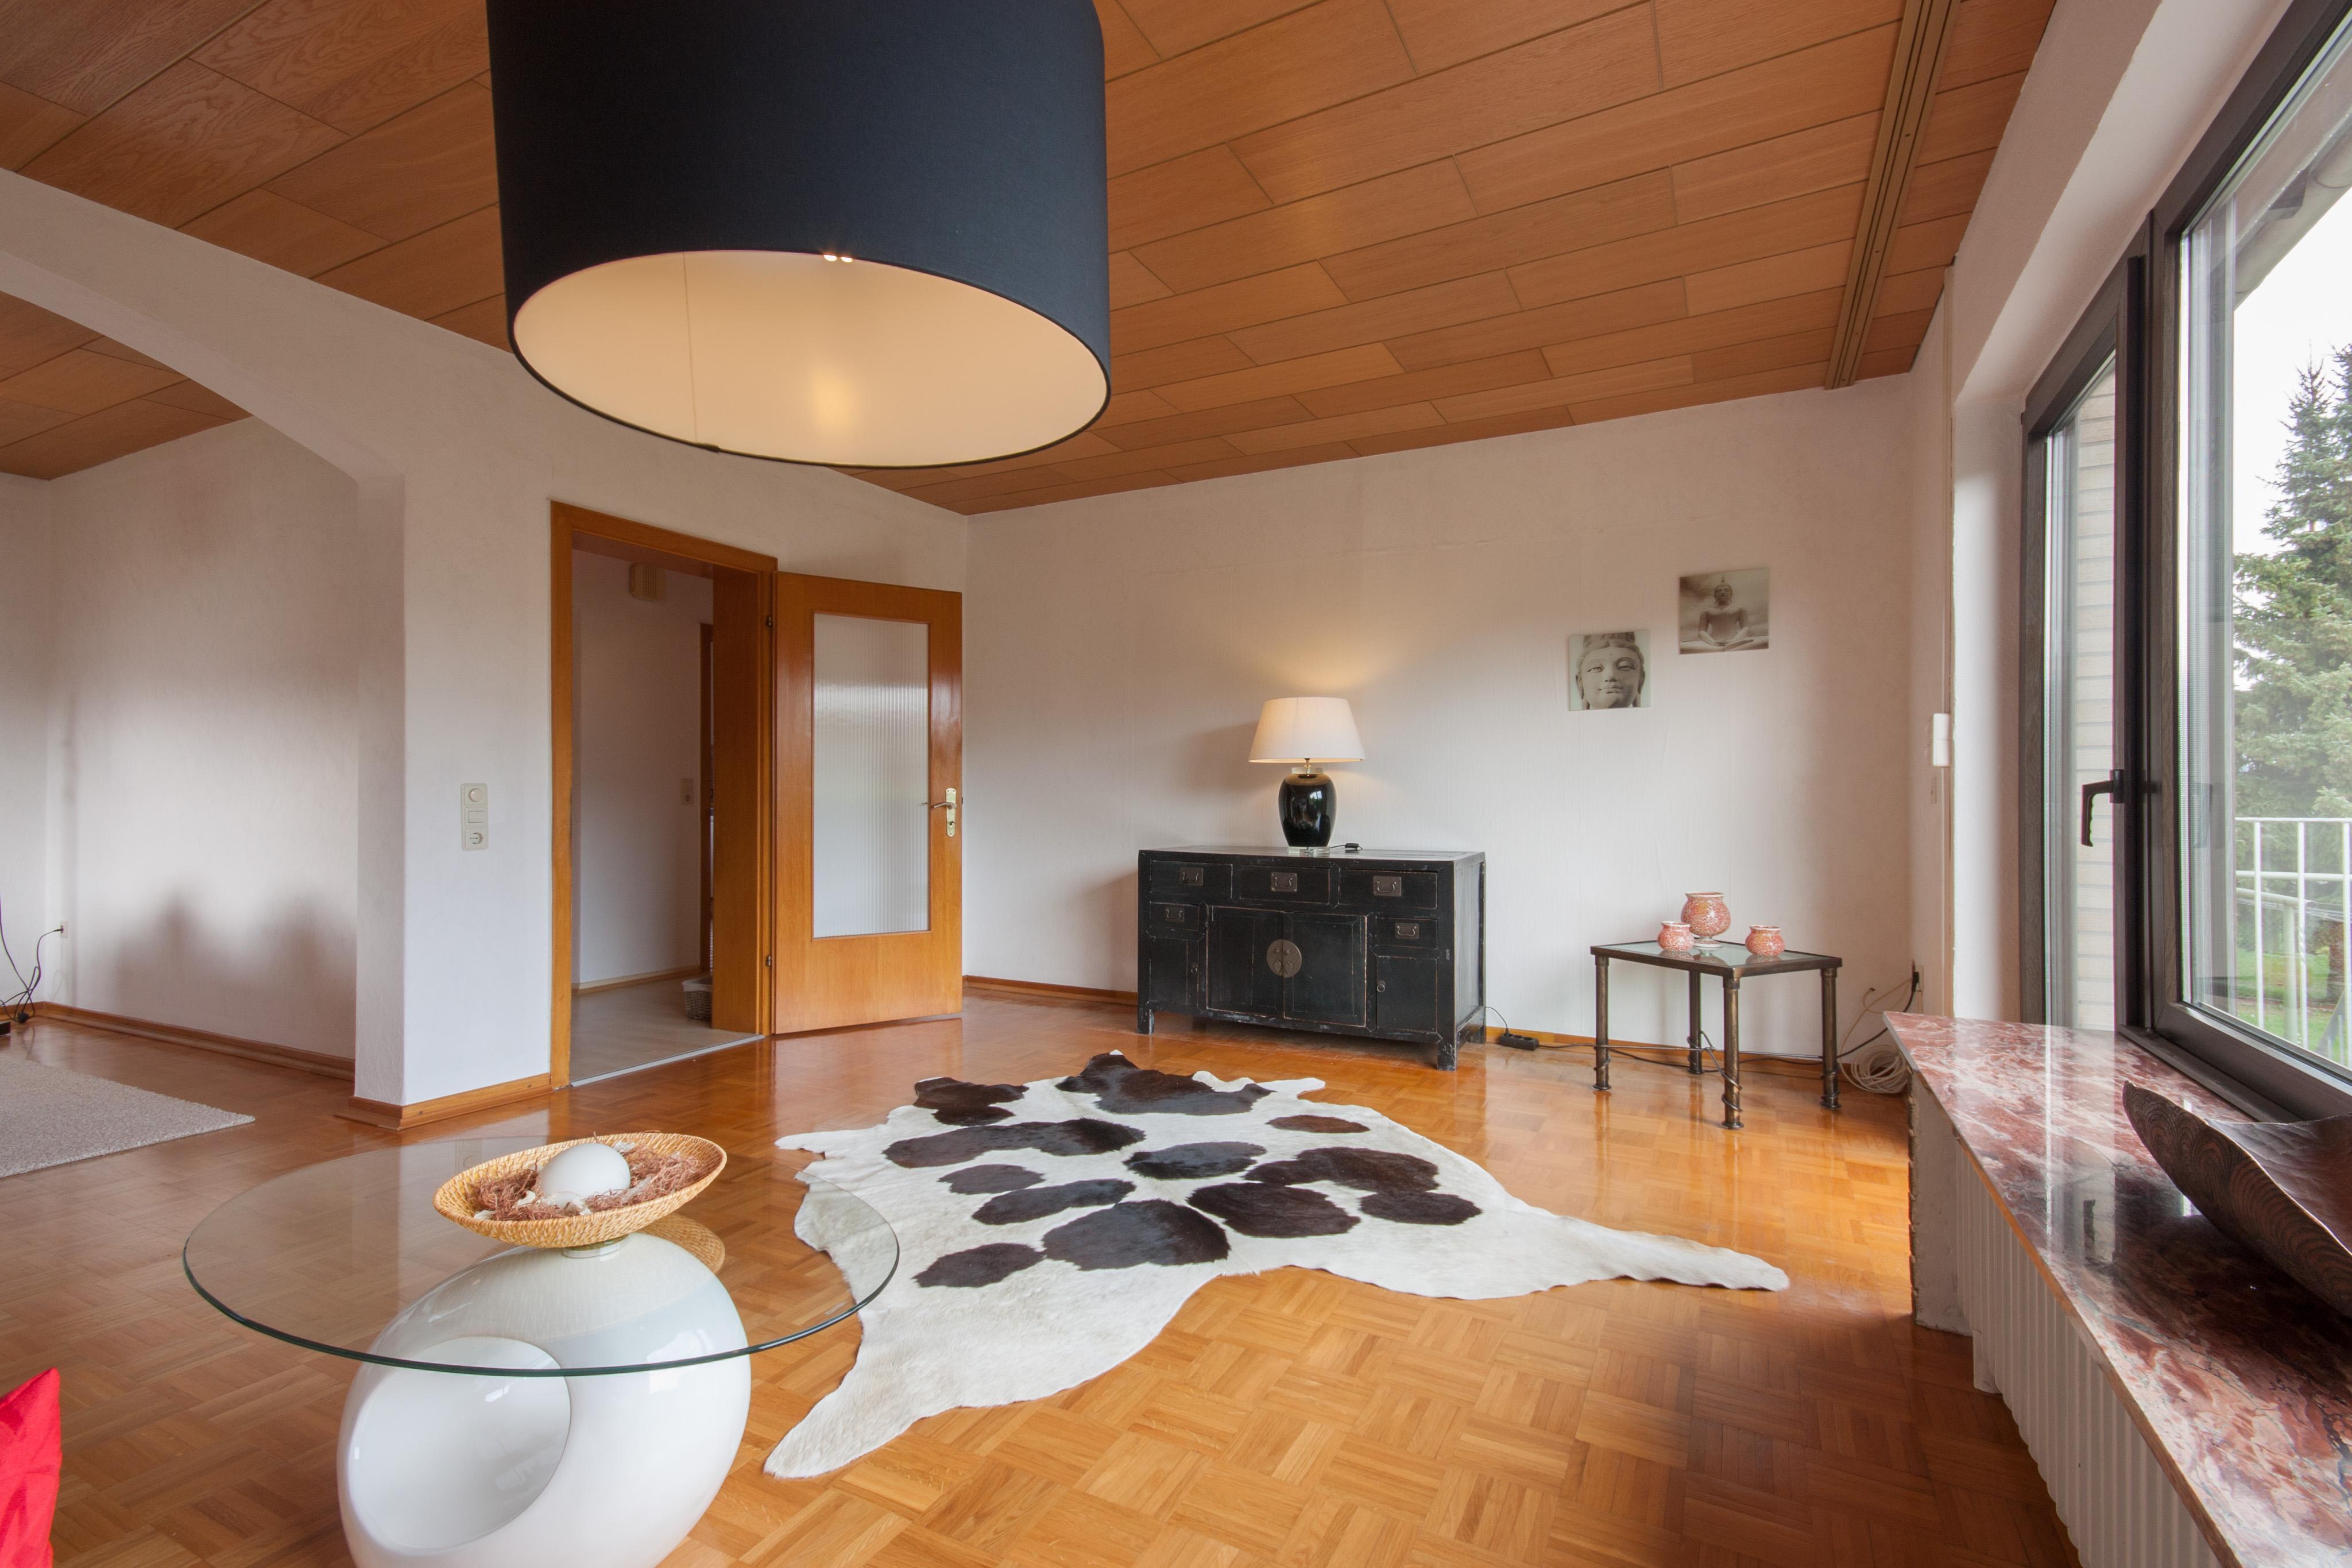 Wohnzimmer seite 104 o bilder ideen couchstyle for Sitzbank landhausstil weiay